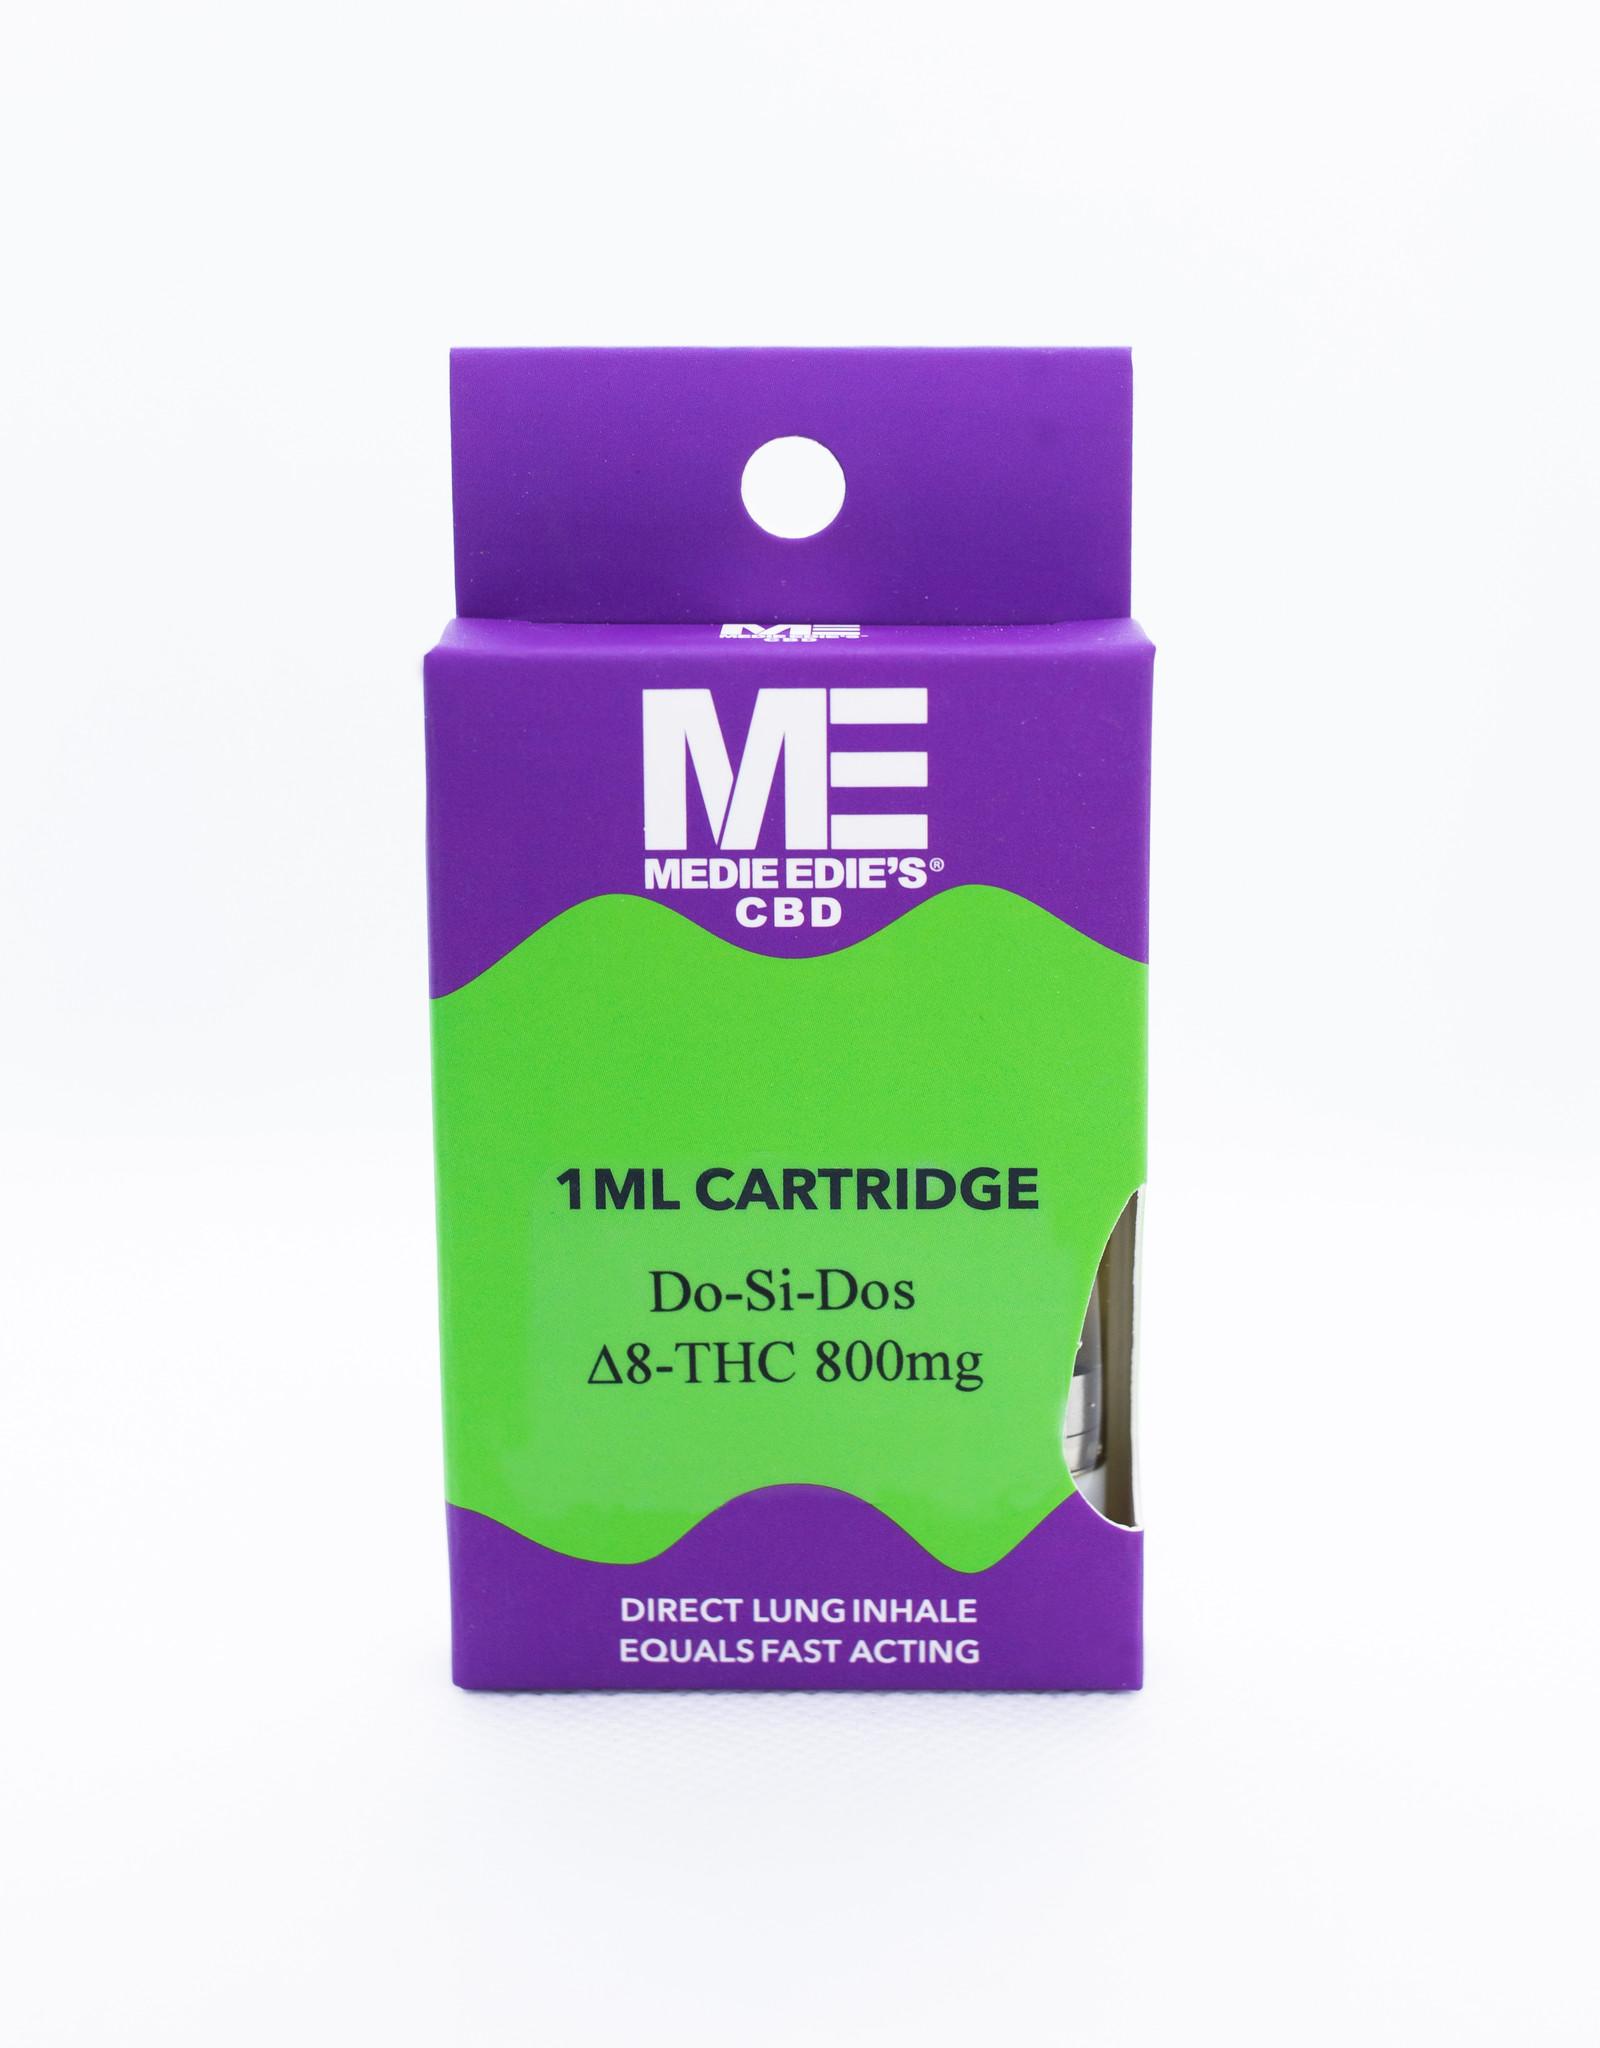 Medie Edie's Medie Edie's Delta-8 Vape Cartridge - 800mg - 1mL - Do-Si-Dos